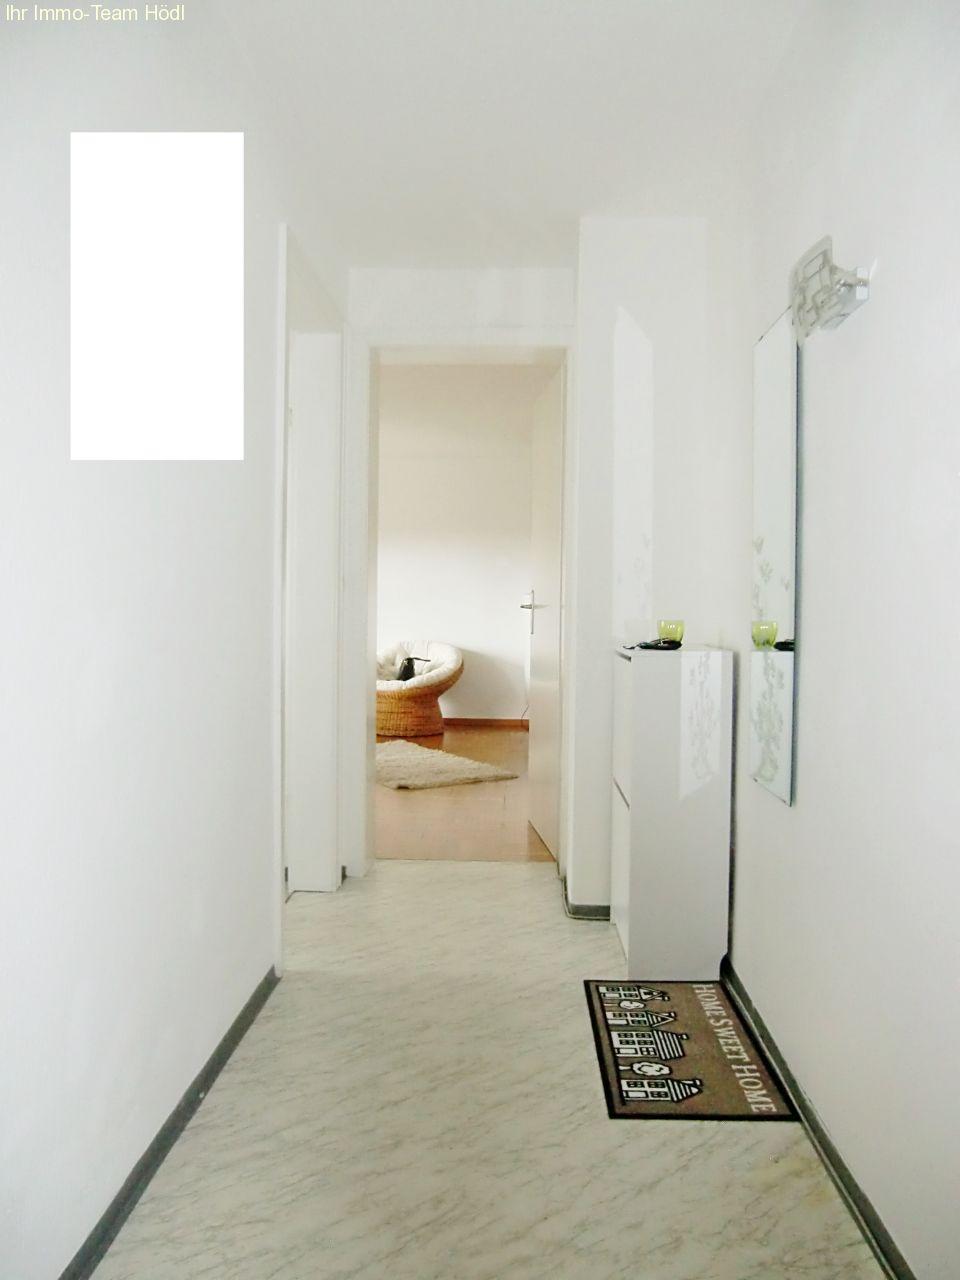 referenzen wannweil tolle wohnung sucht tollen mieter. Black Bedroom Furniture Sets. Home Design Ideas